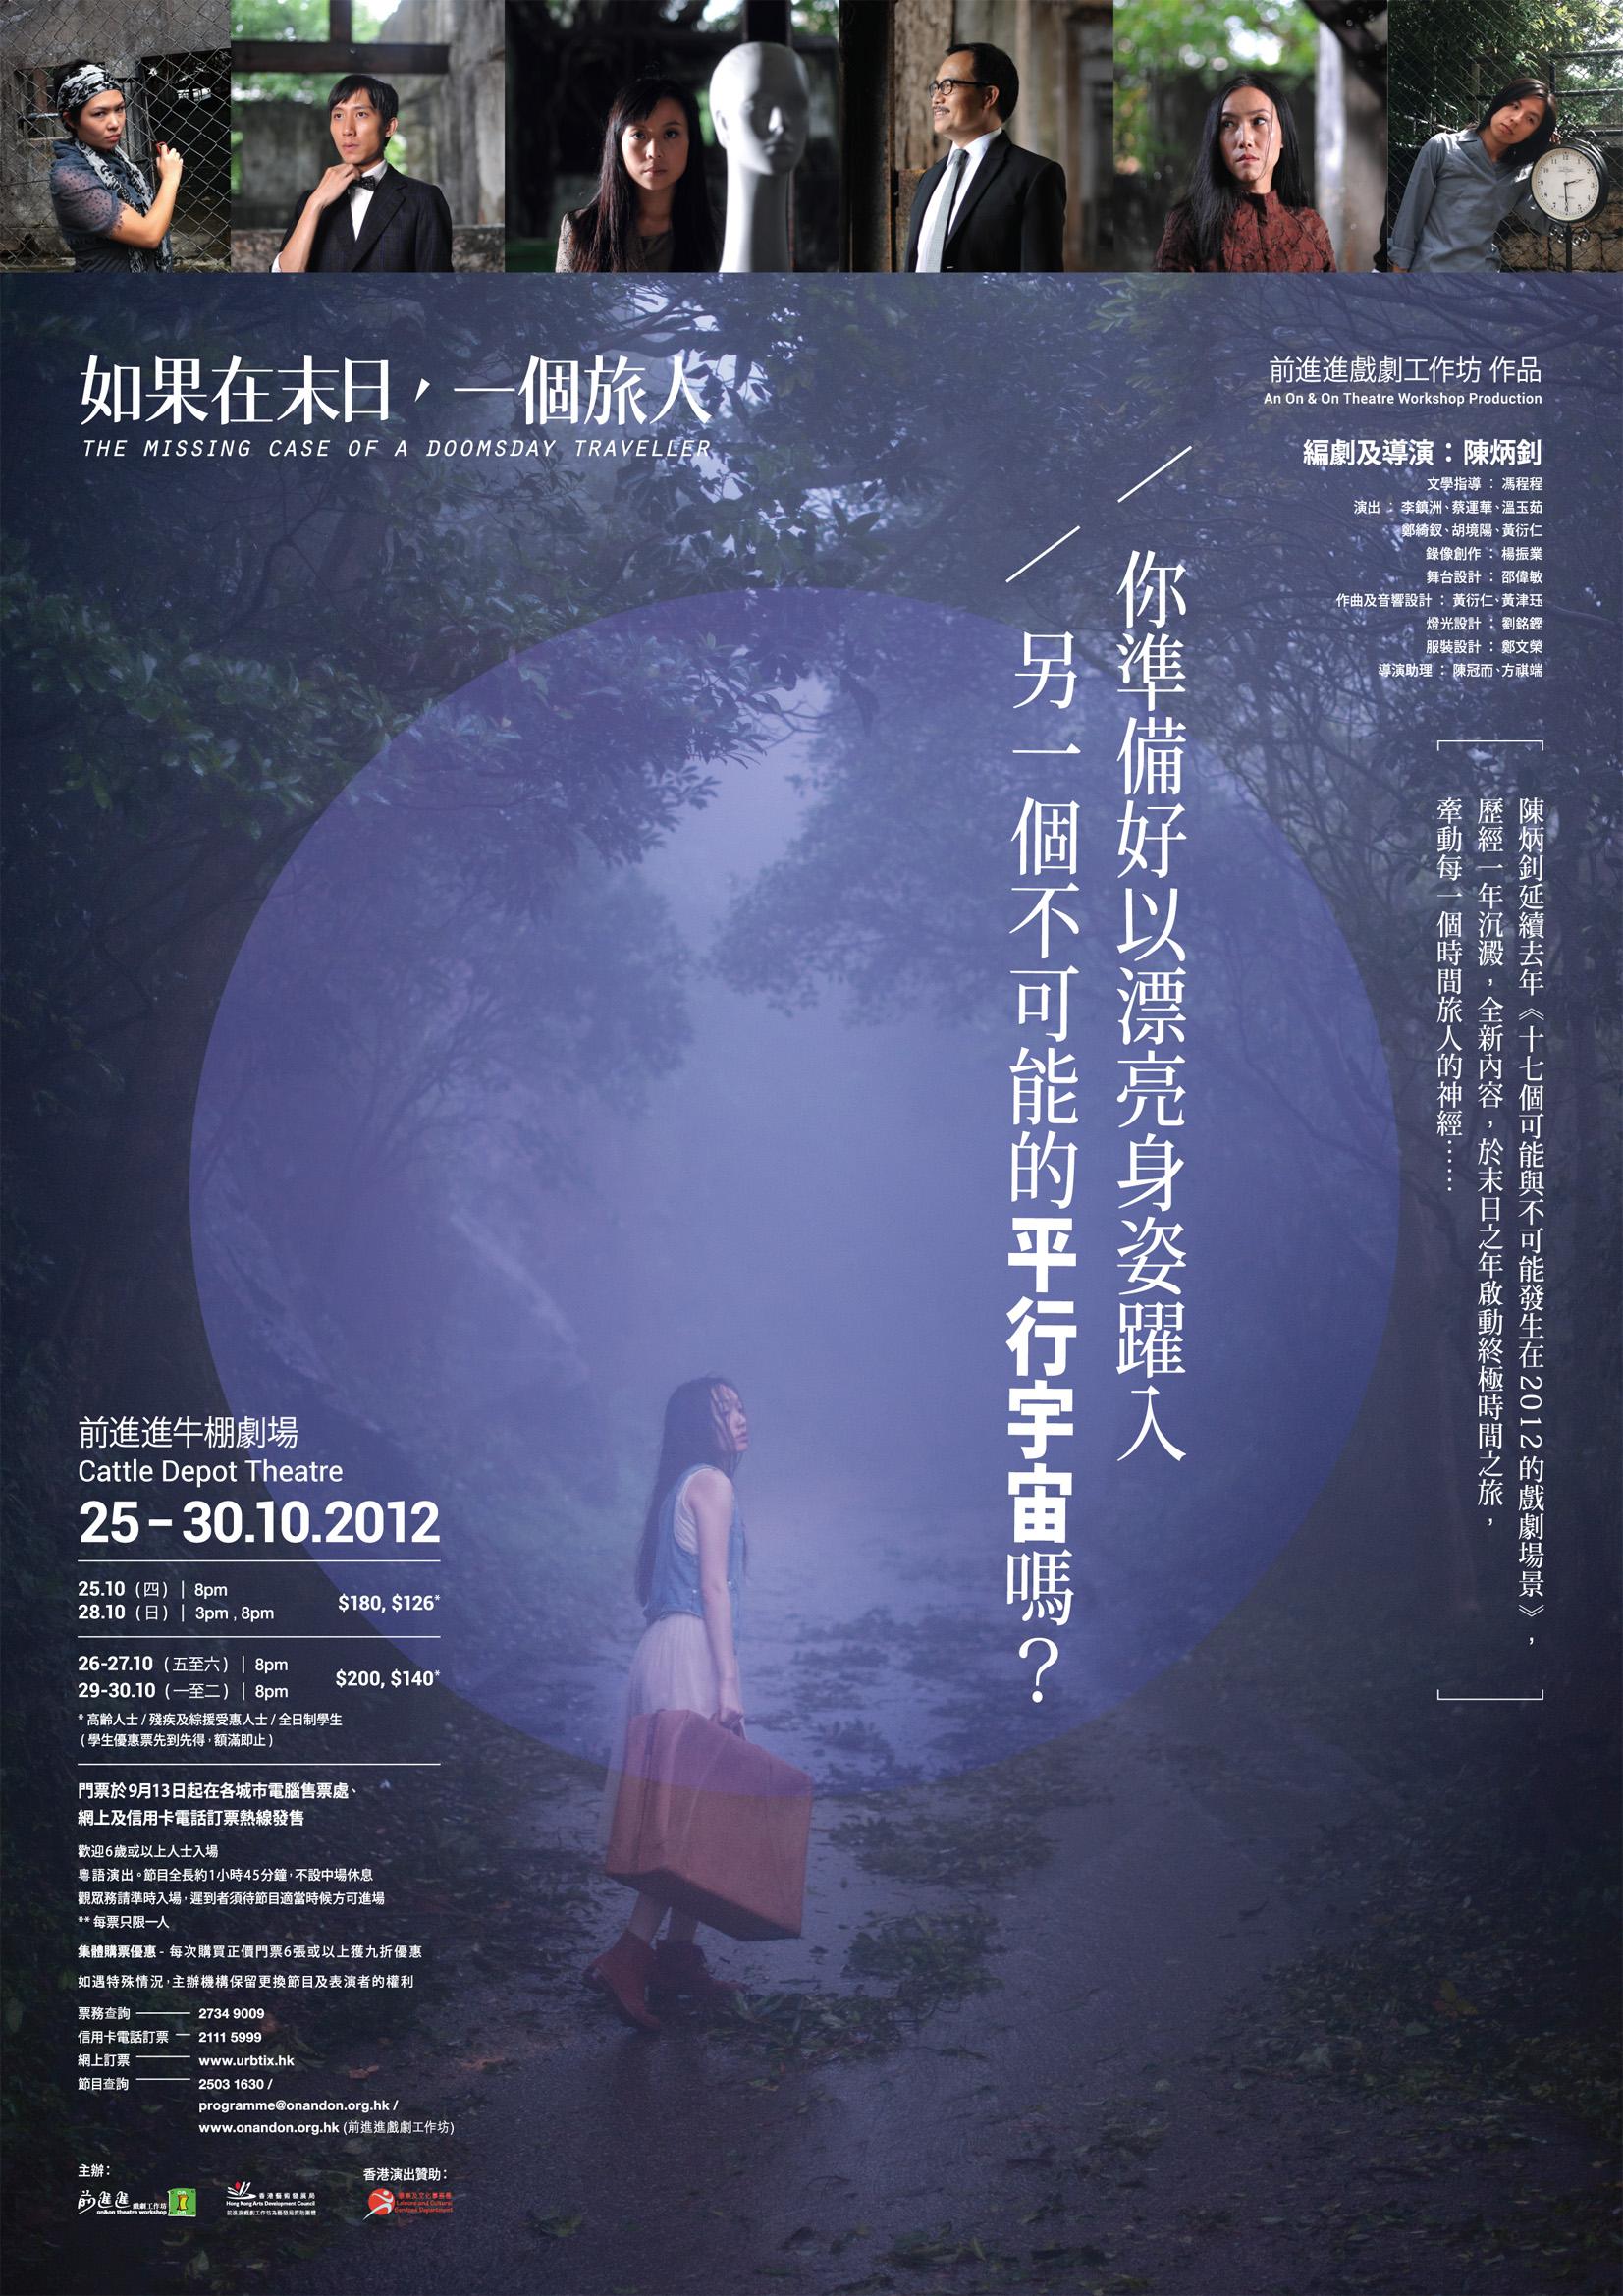 25-30/10/2012 - 前進進牛棚劇場